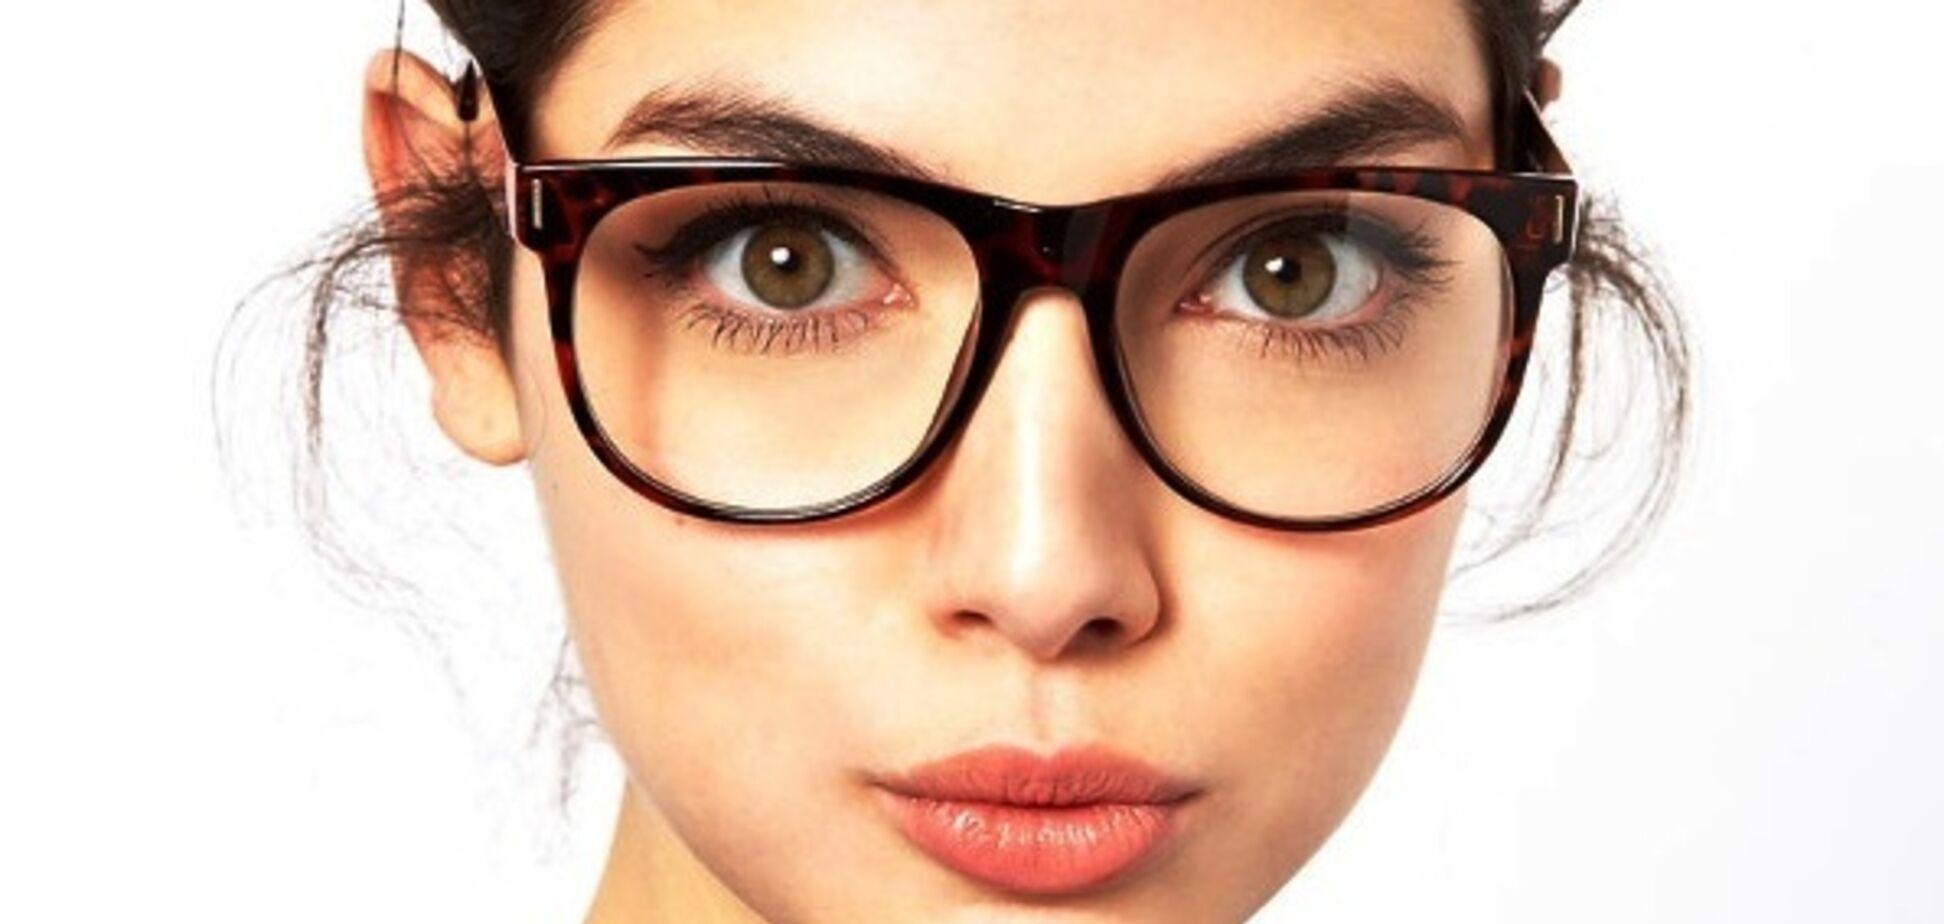 Очки или линзы: что лучше выбрать